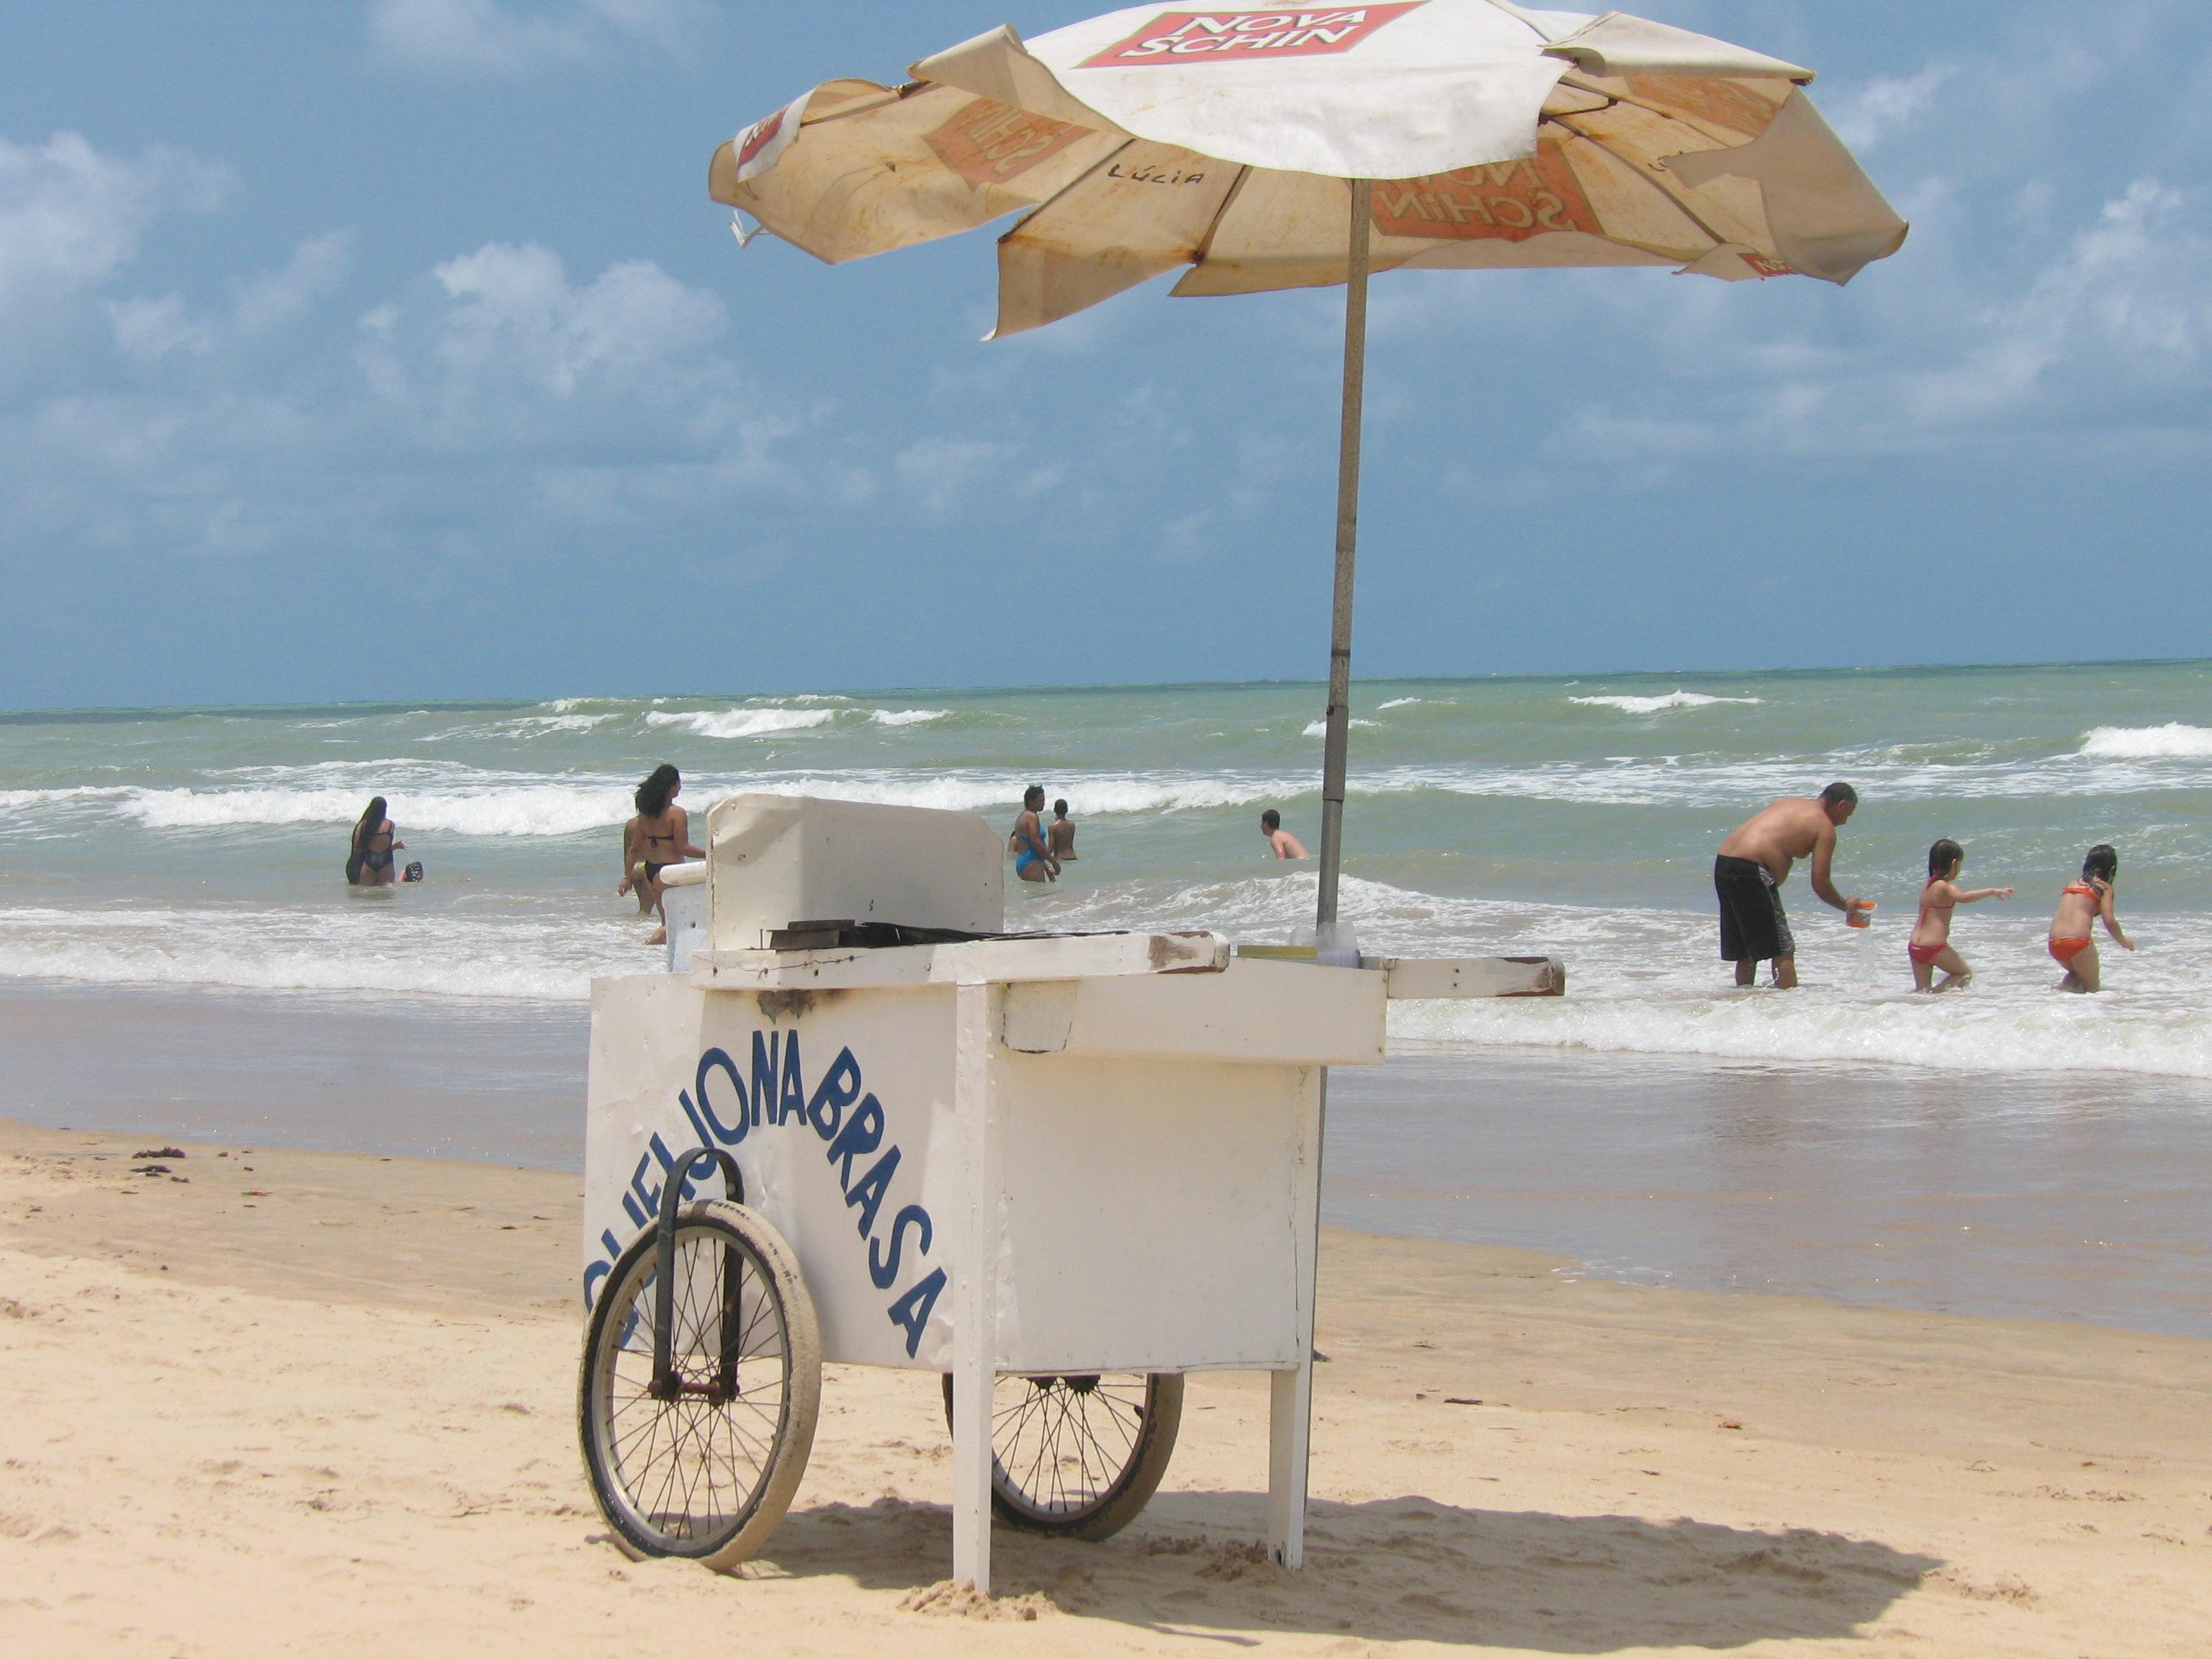 Una maniana de Playa!